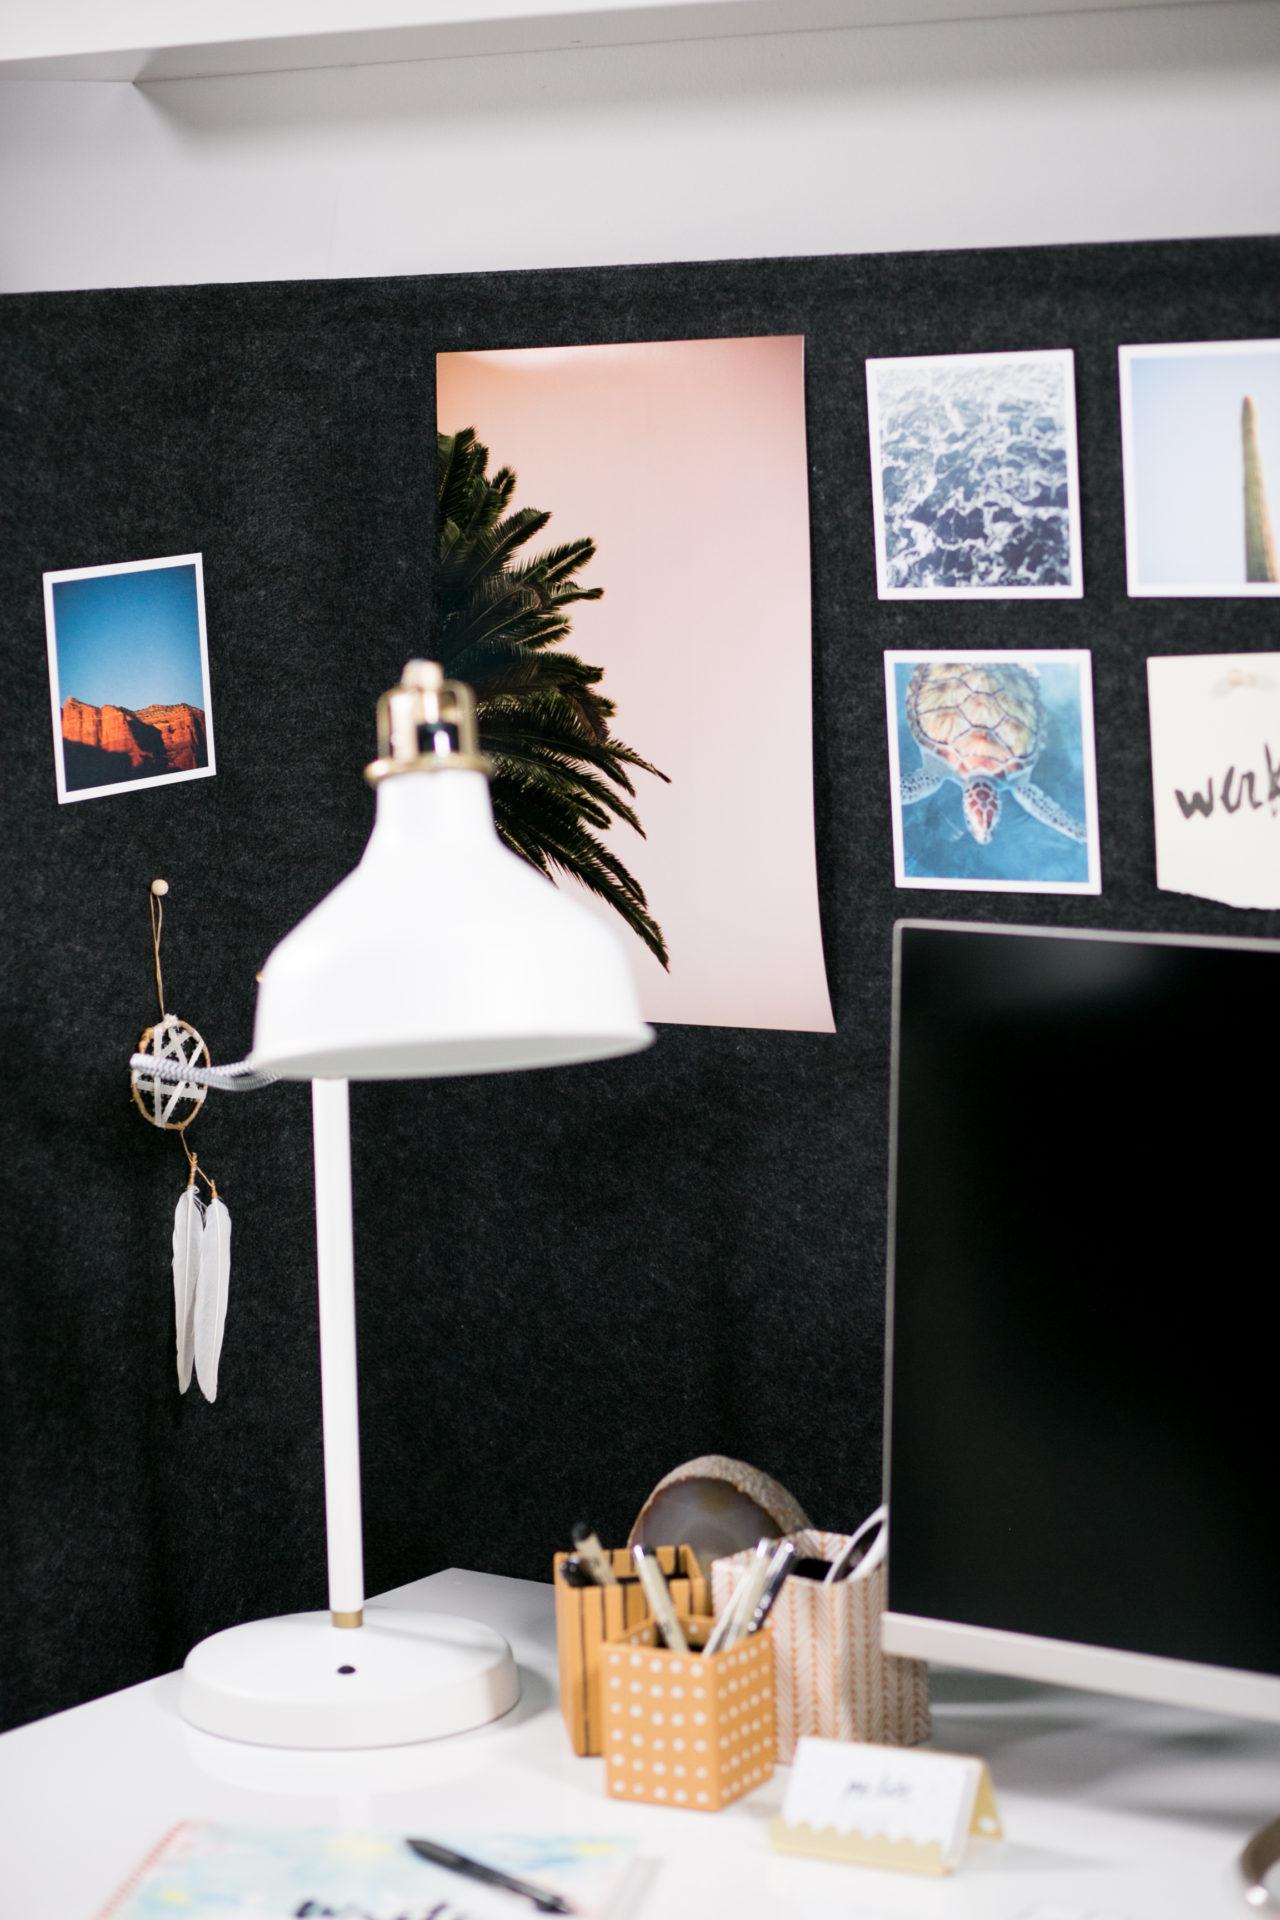 mrkate_cubicle_3ways_blog-124